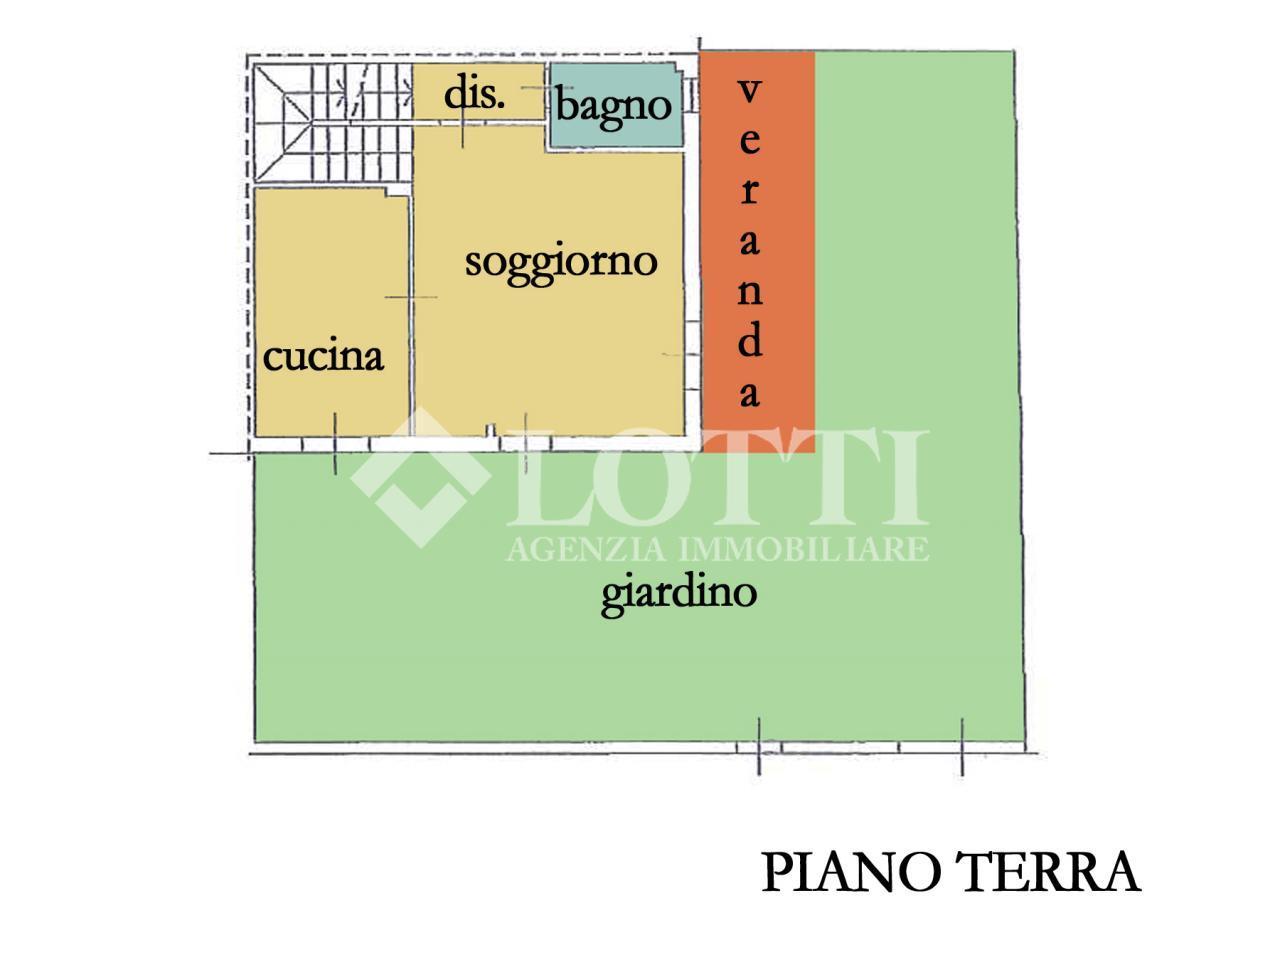 Villetta a schiera in Vendita, rif. 430